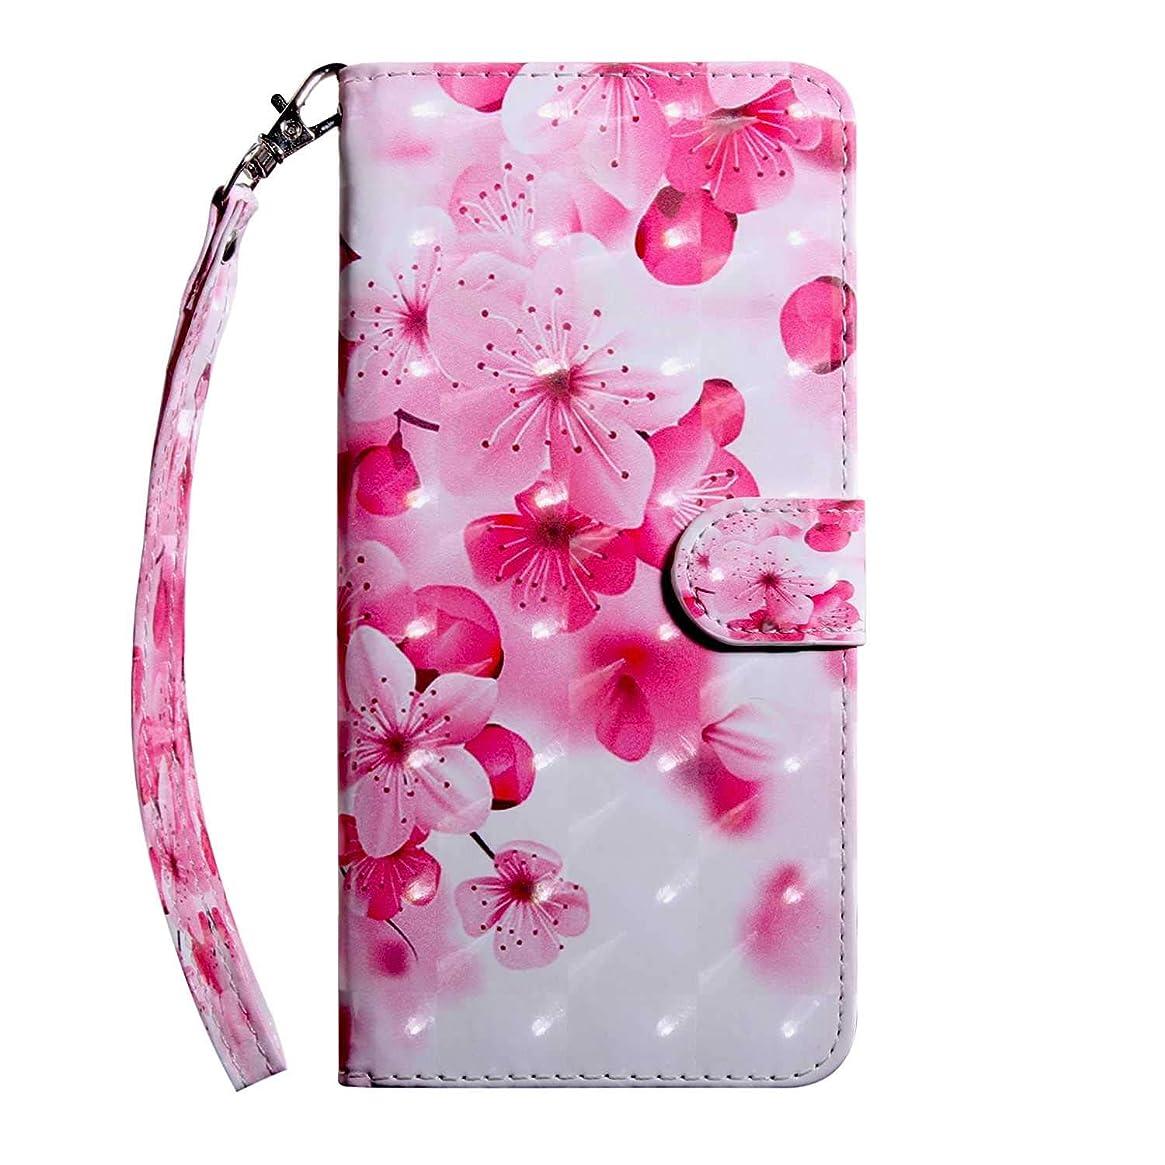 直接ワットうがい薬CUSKING Sony Xperia XA2 ケース 手帳型 財布型カバー Sony Xperia XA2 スマホカバー 磁気バックル カード収納 スタンド機能 エクスペリア レザーケース –さくら